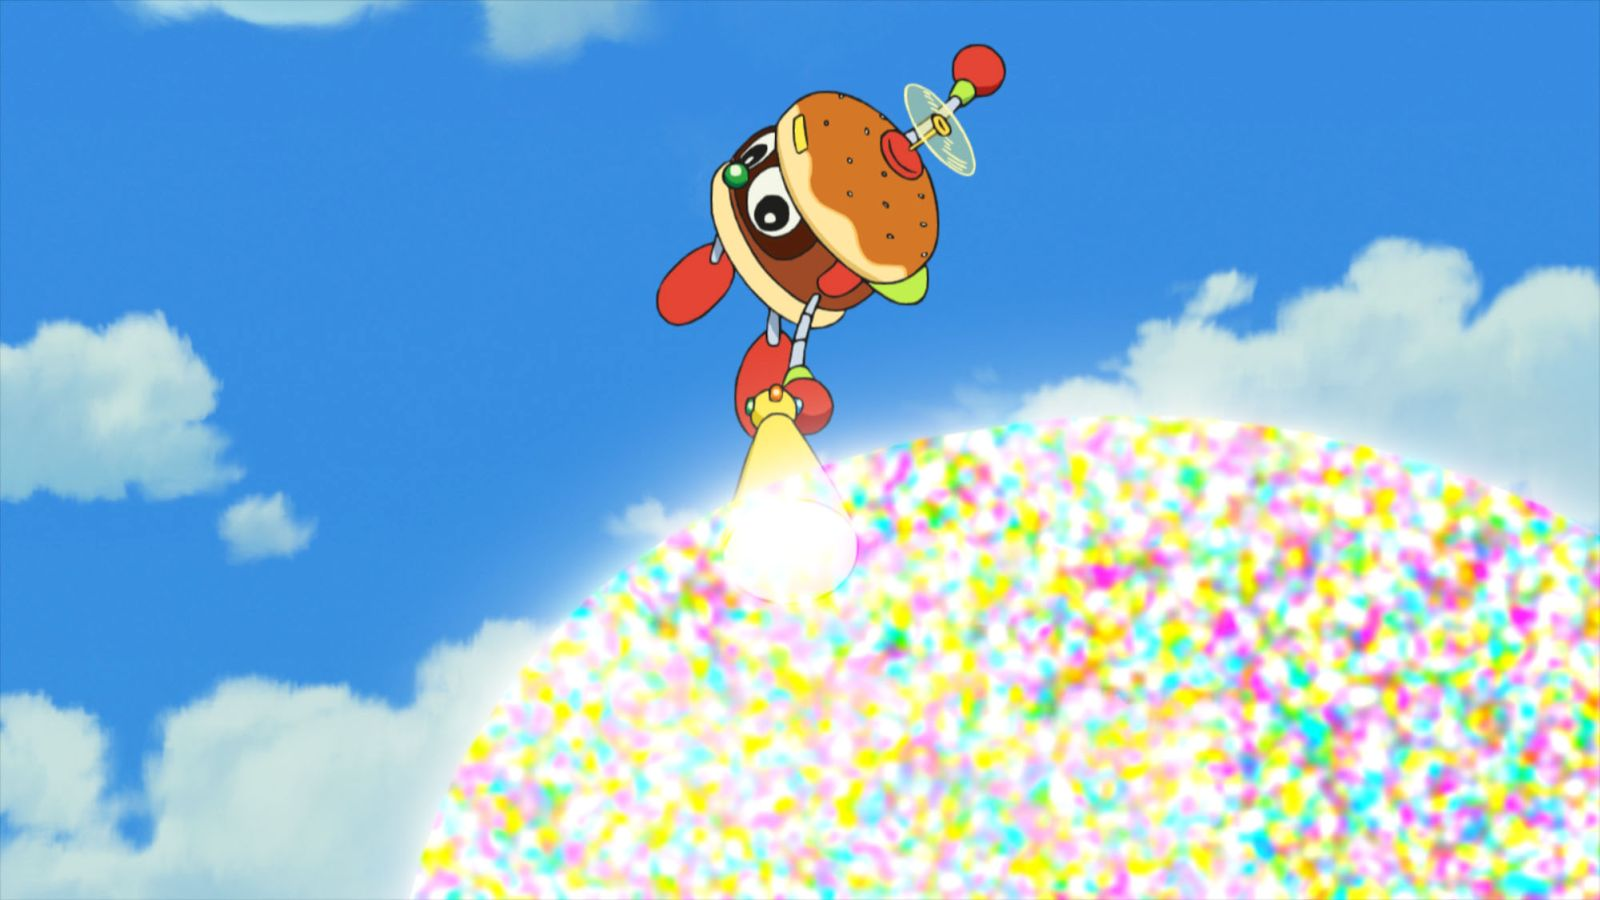 Doraemon il film: Nobita e gli eroi dello spazio, un'immagine del film d'animazione